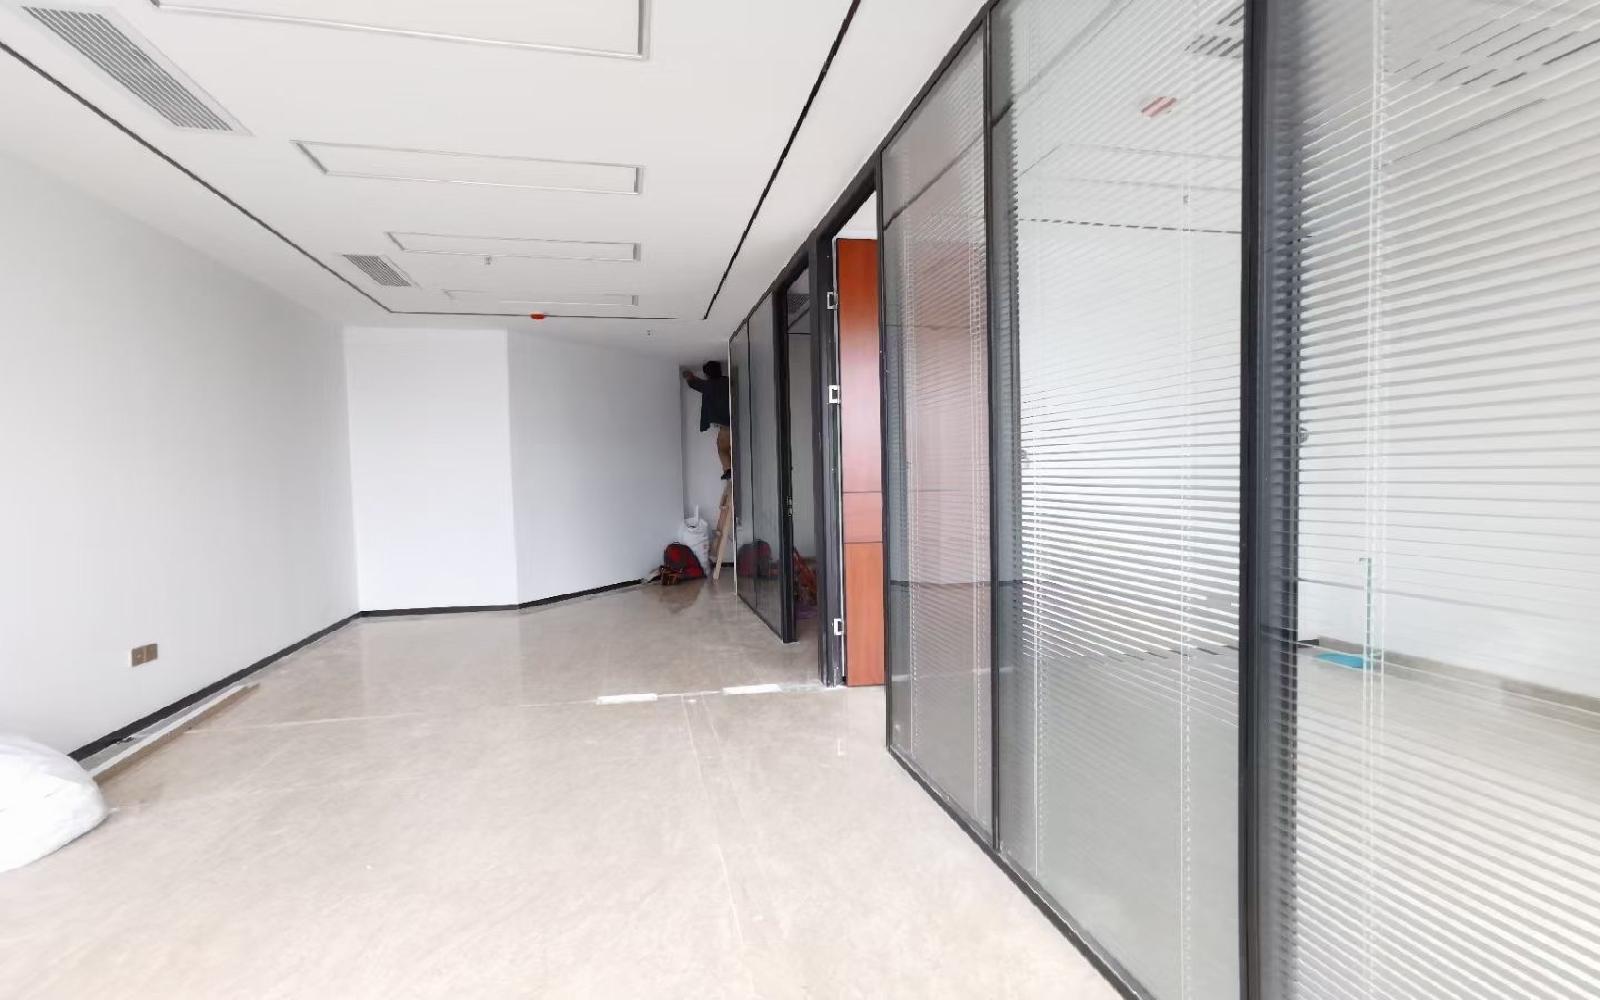 南山-南头 田厦国际中心(田厦金牛广场) 135m²